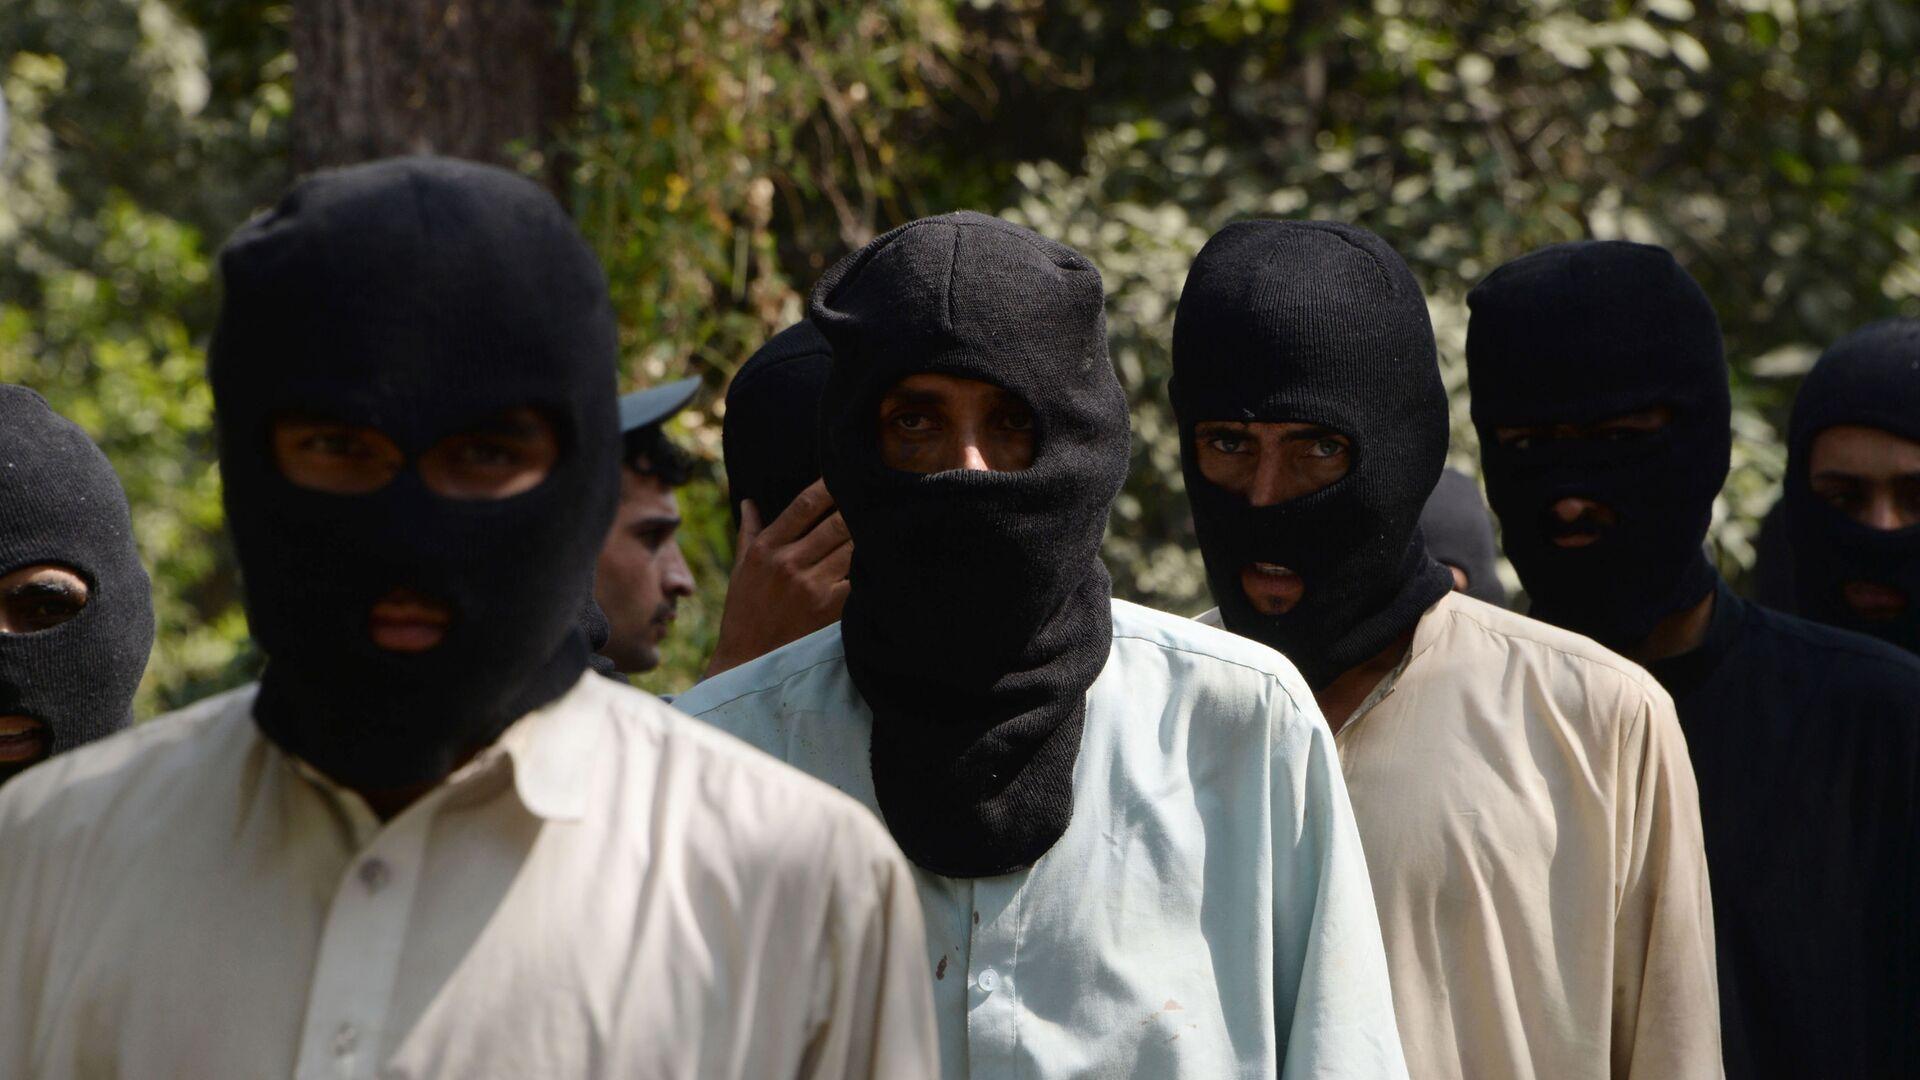 Боевики ИГ (террористическая организация, запрещена в РФ) и движения Талибан в полицейском отделении в Афганистане - Sputnik Таджикистан, 1920, 22.07.2021